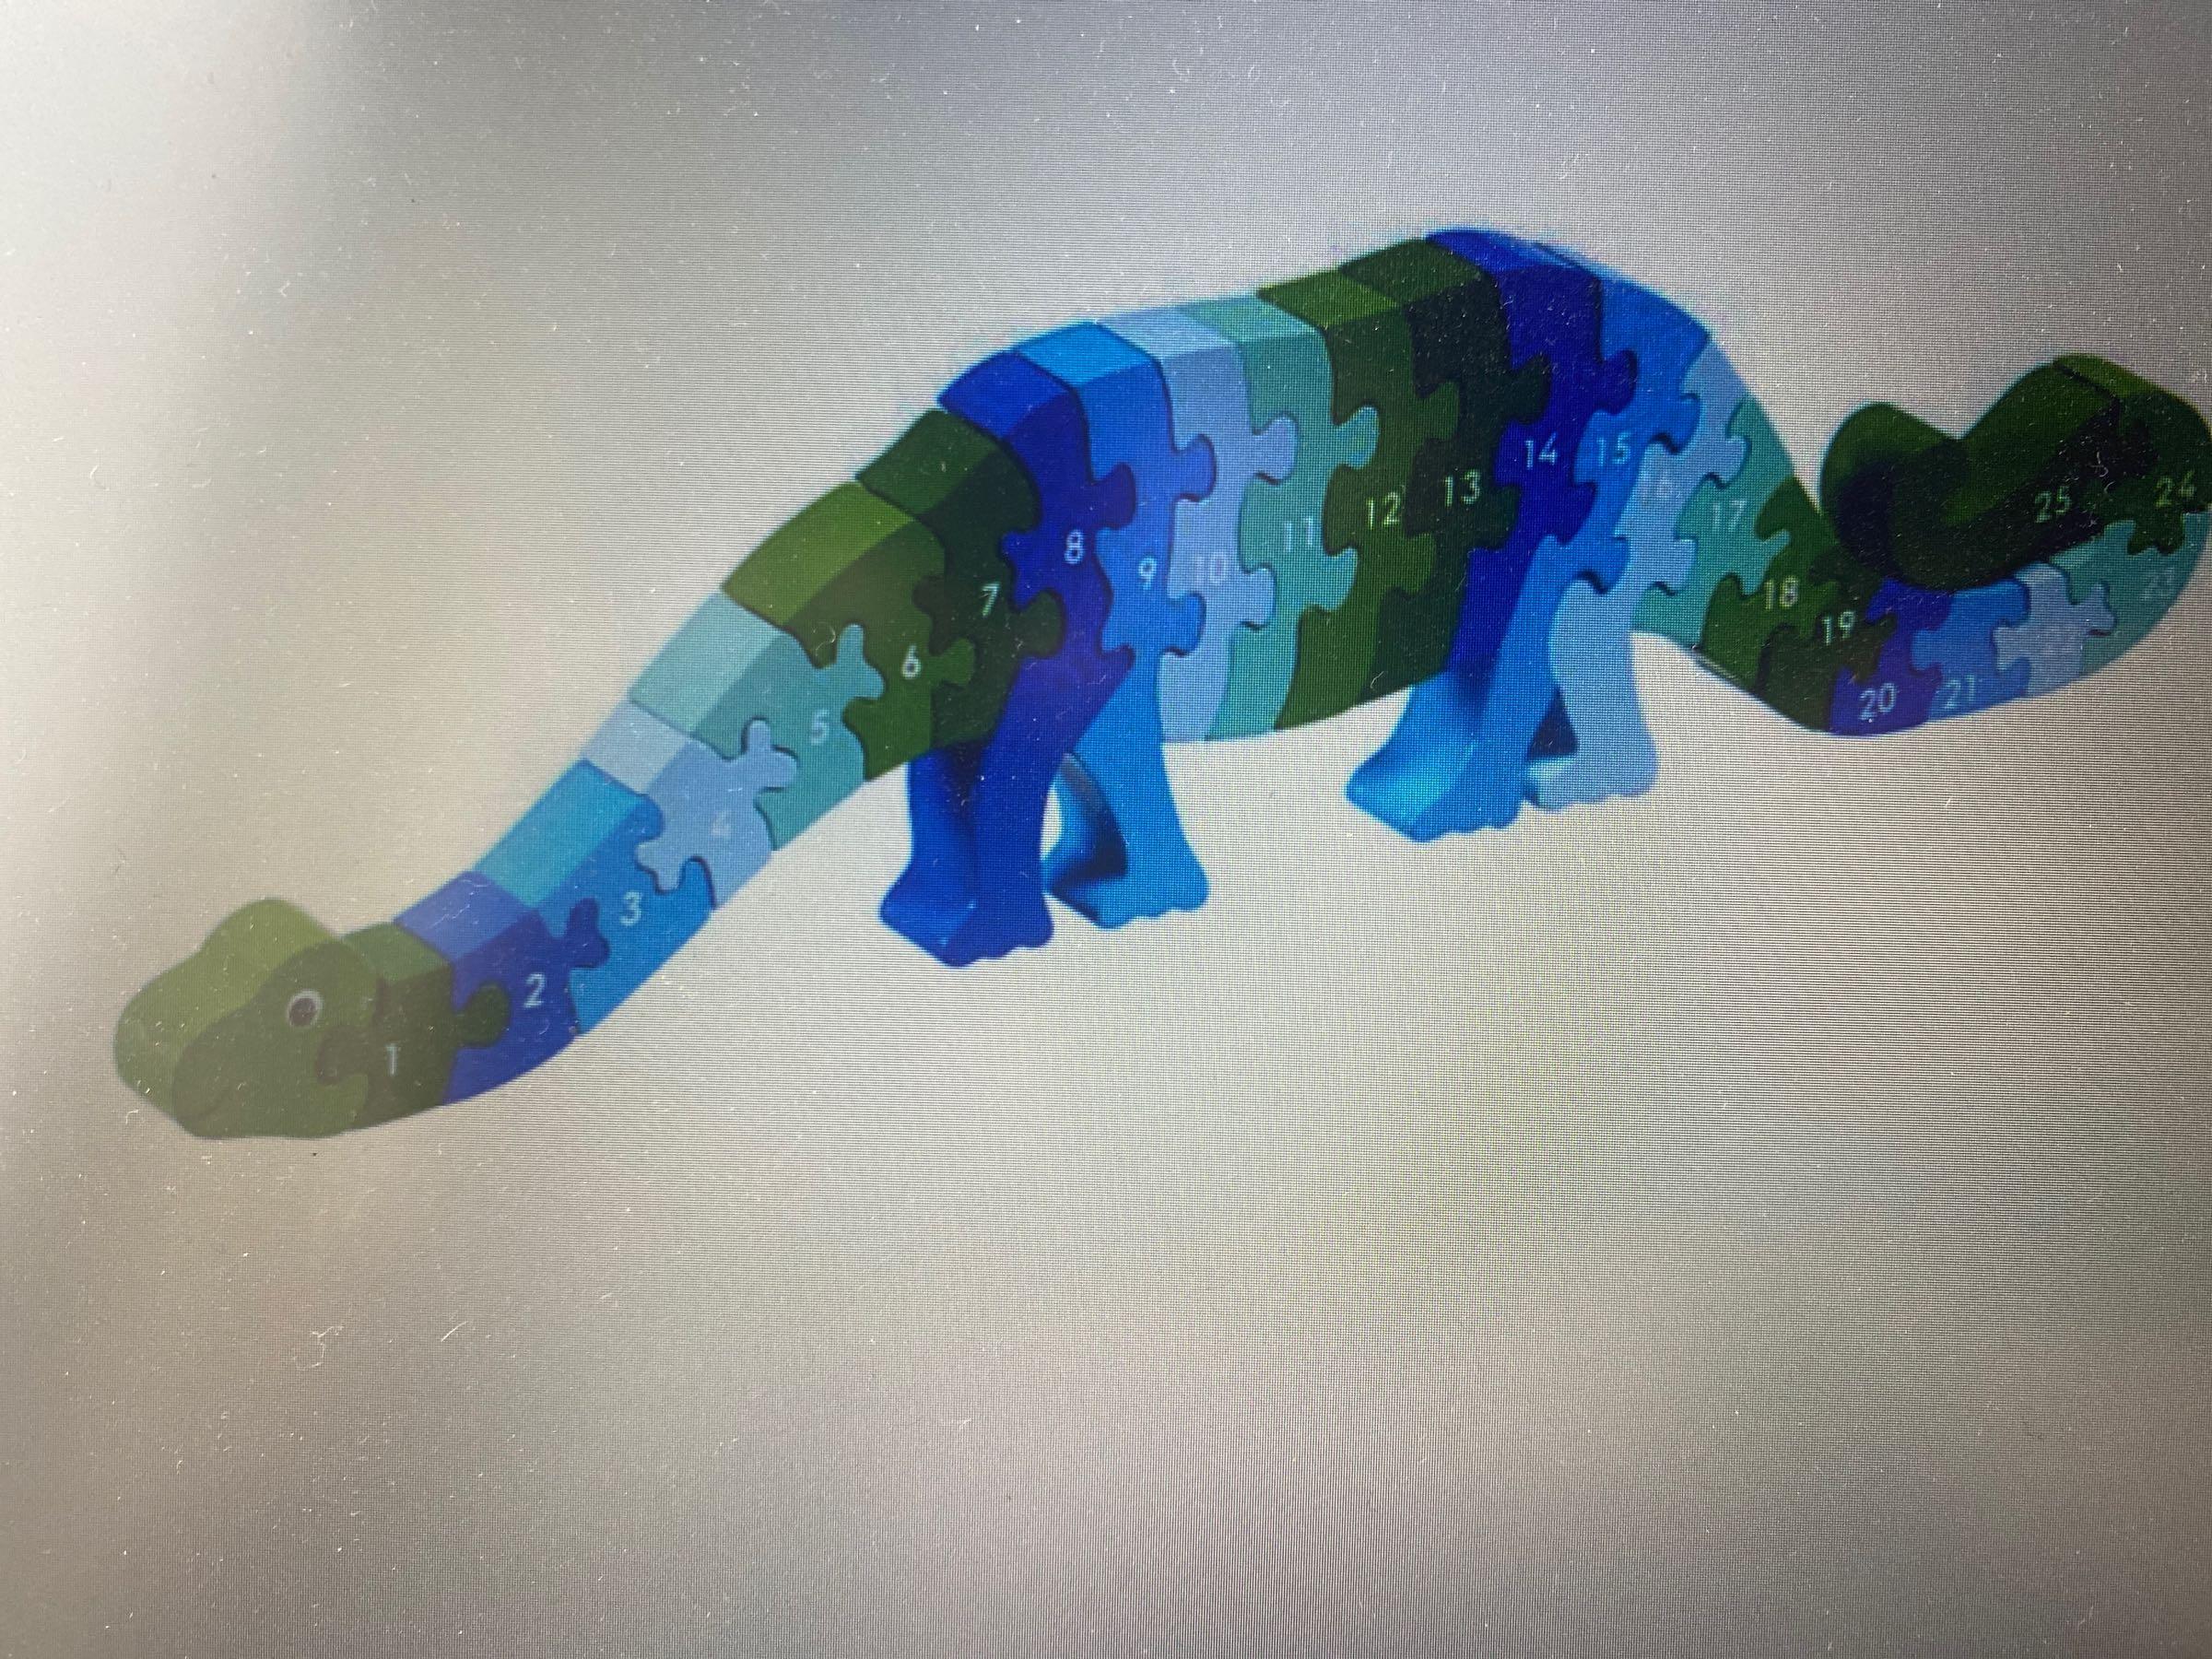 Lanka Kade - 1-25 Jigsaw - dizzied the dinosaur